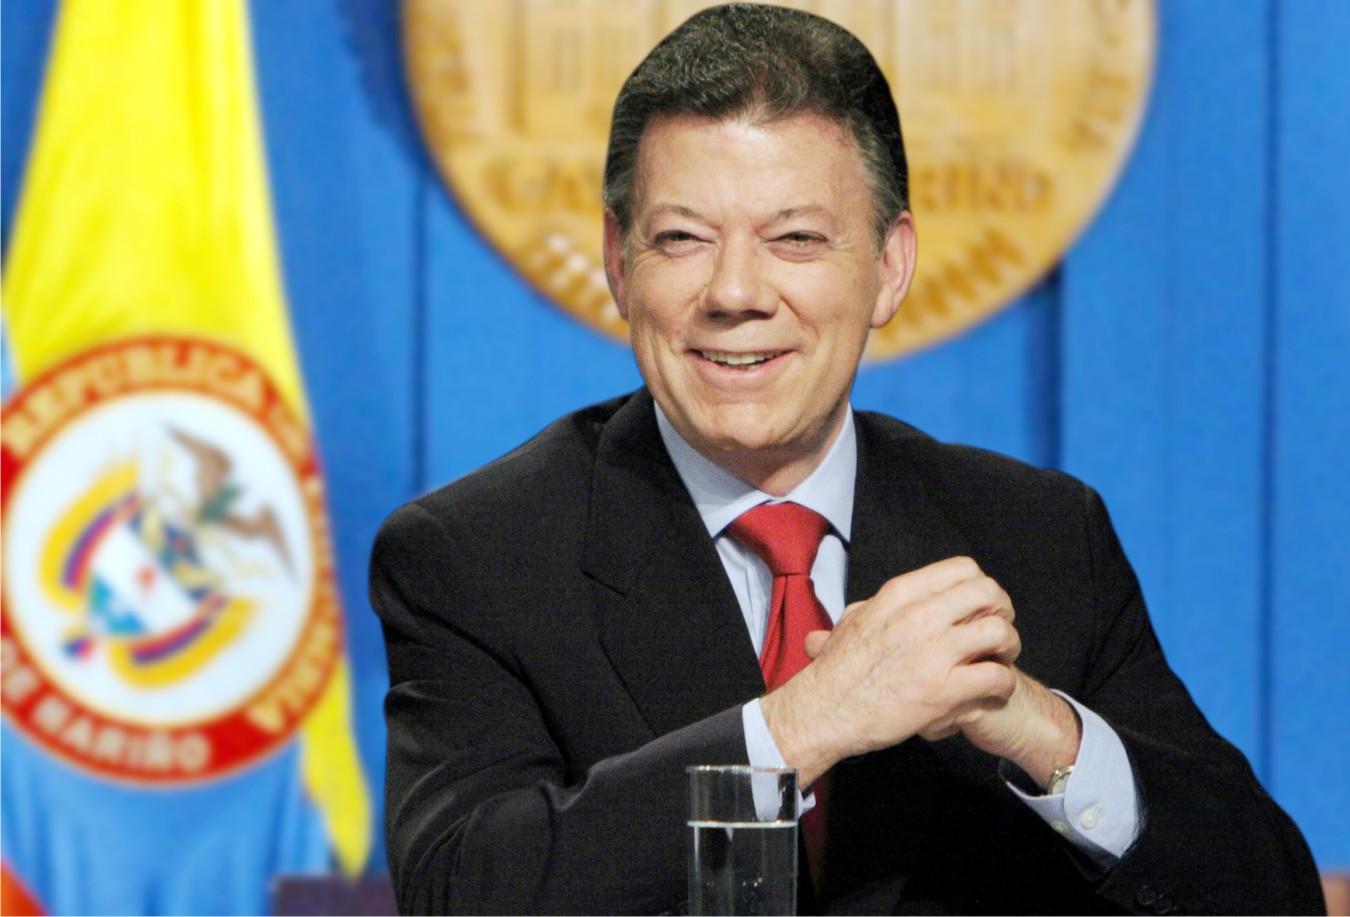 Presidente de Colombia dona premio Nobel a víctimas del conflicto